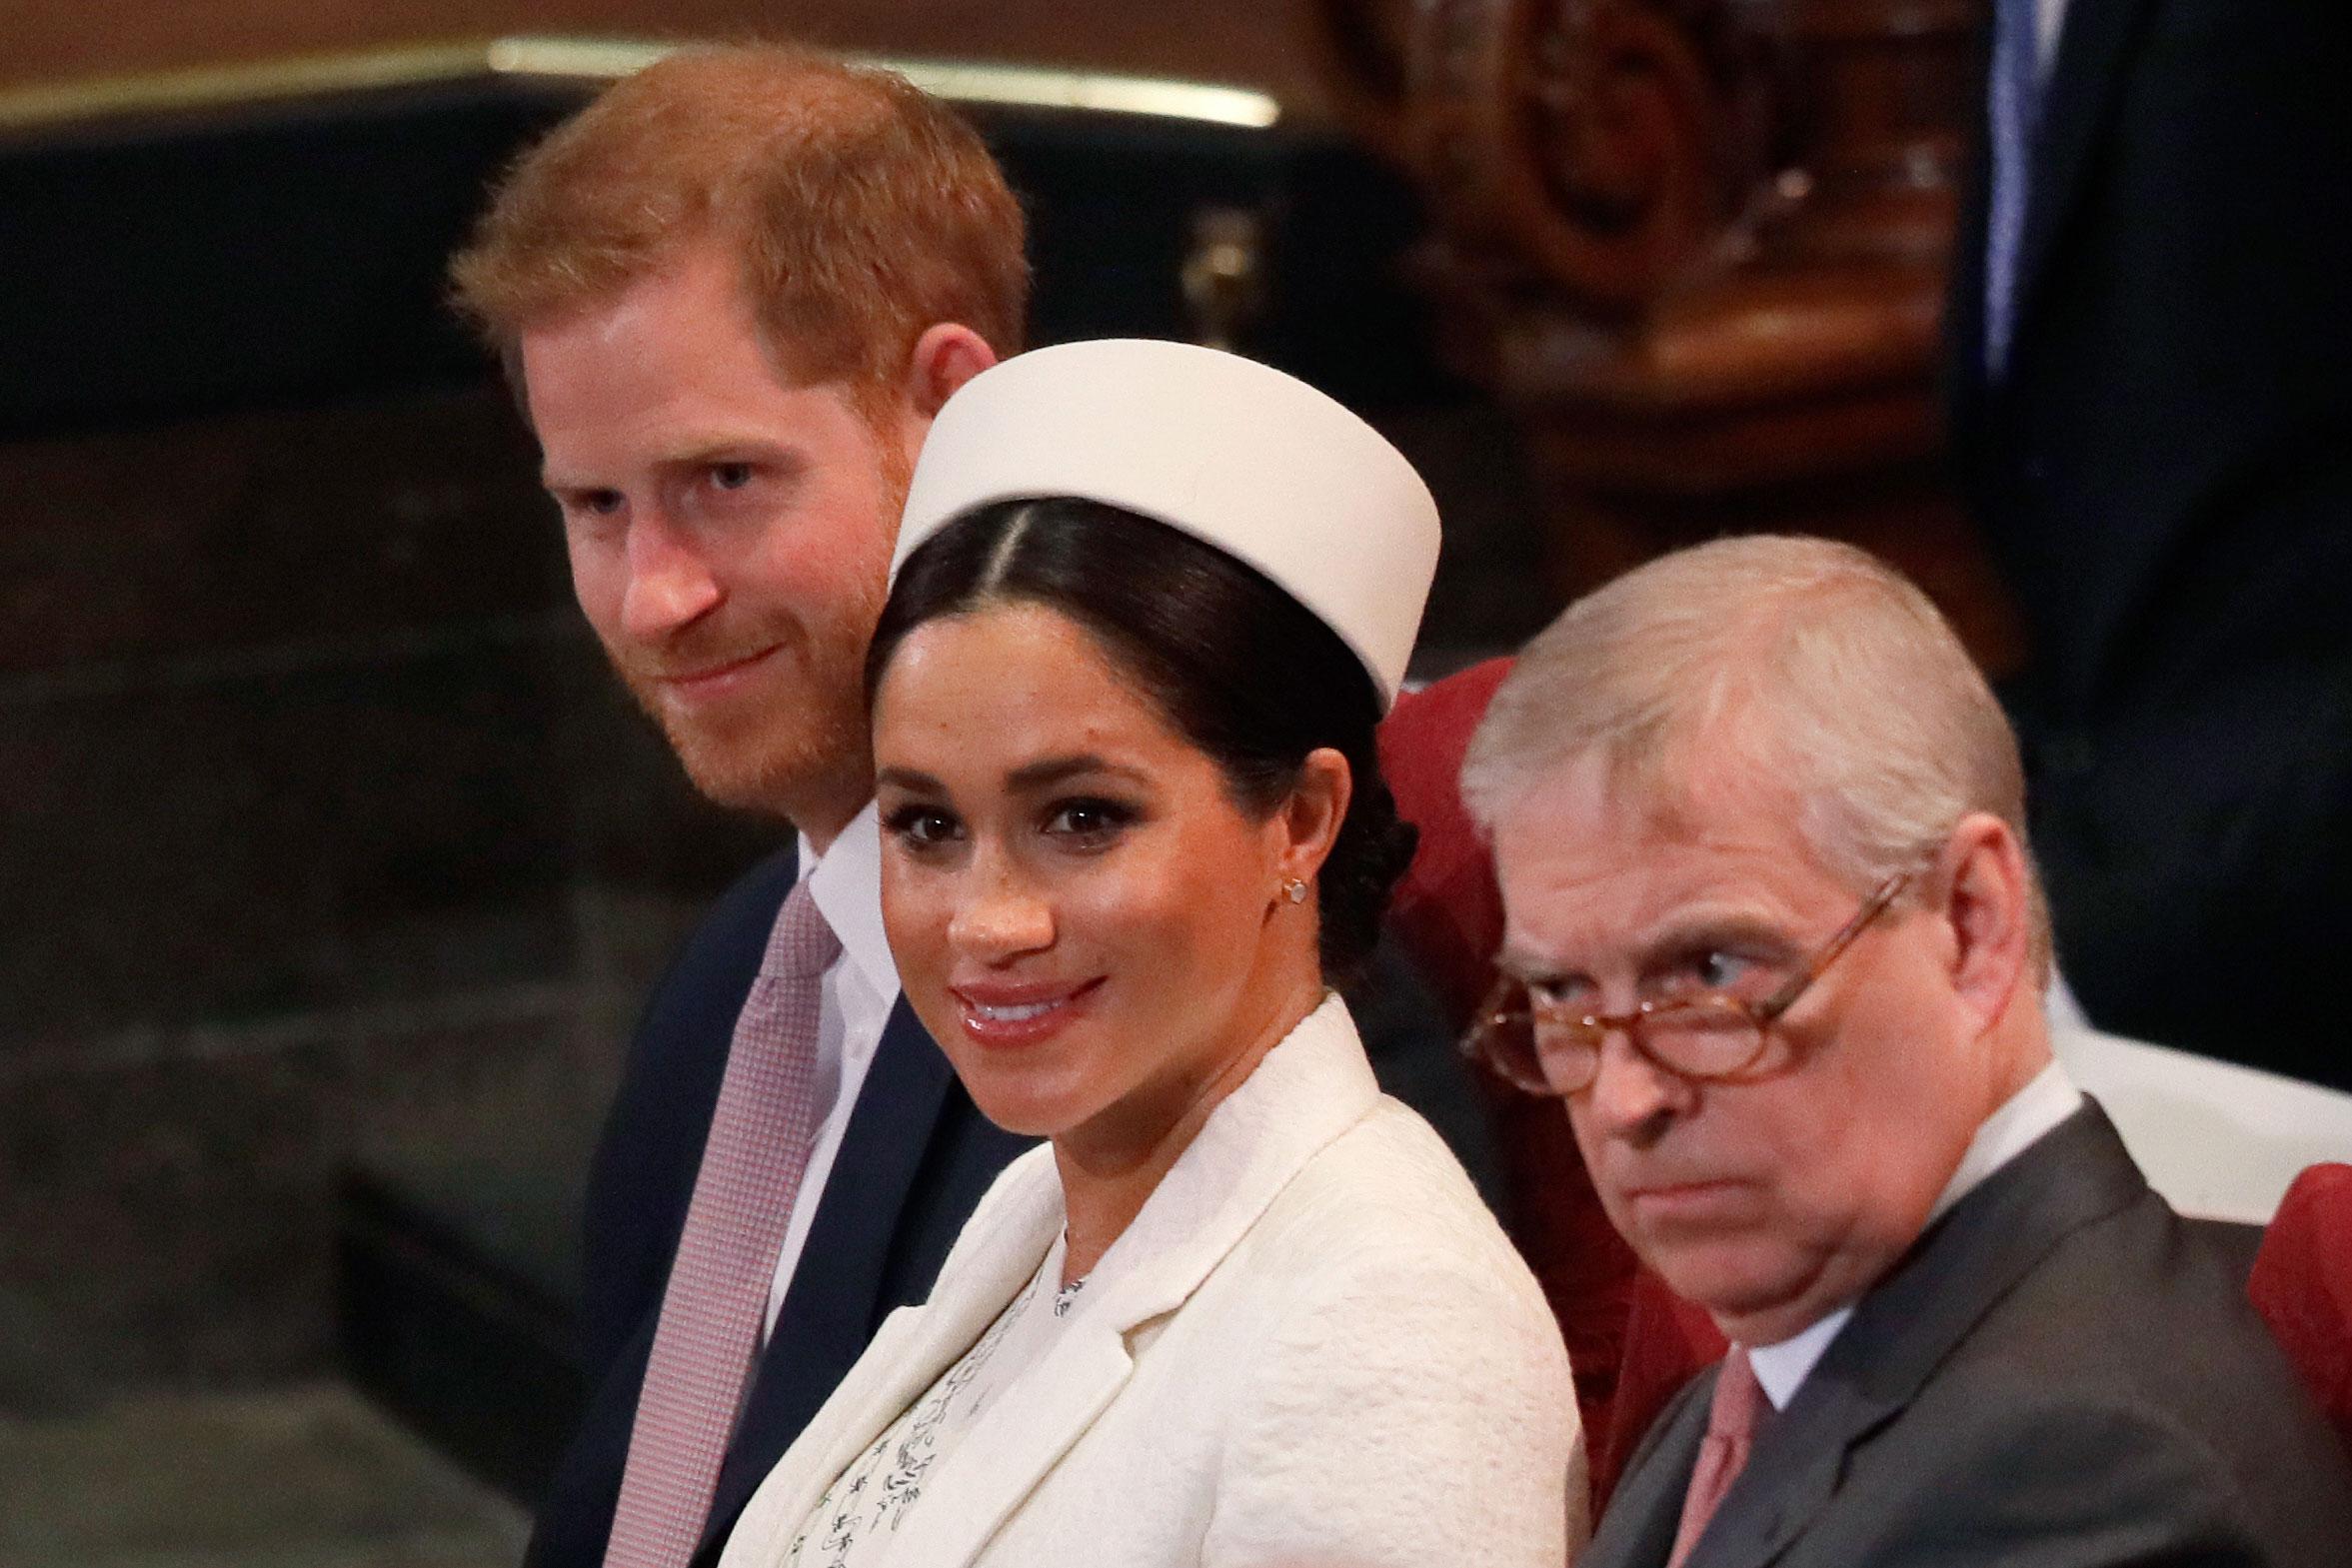 Popular royals